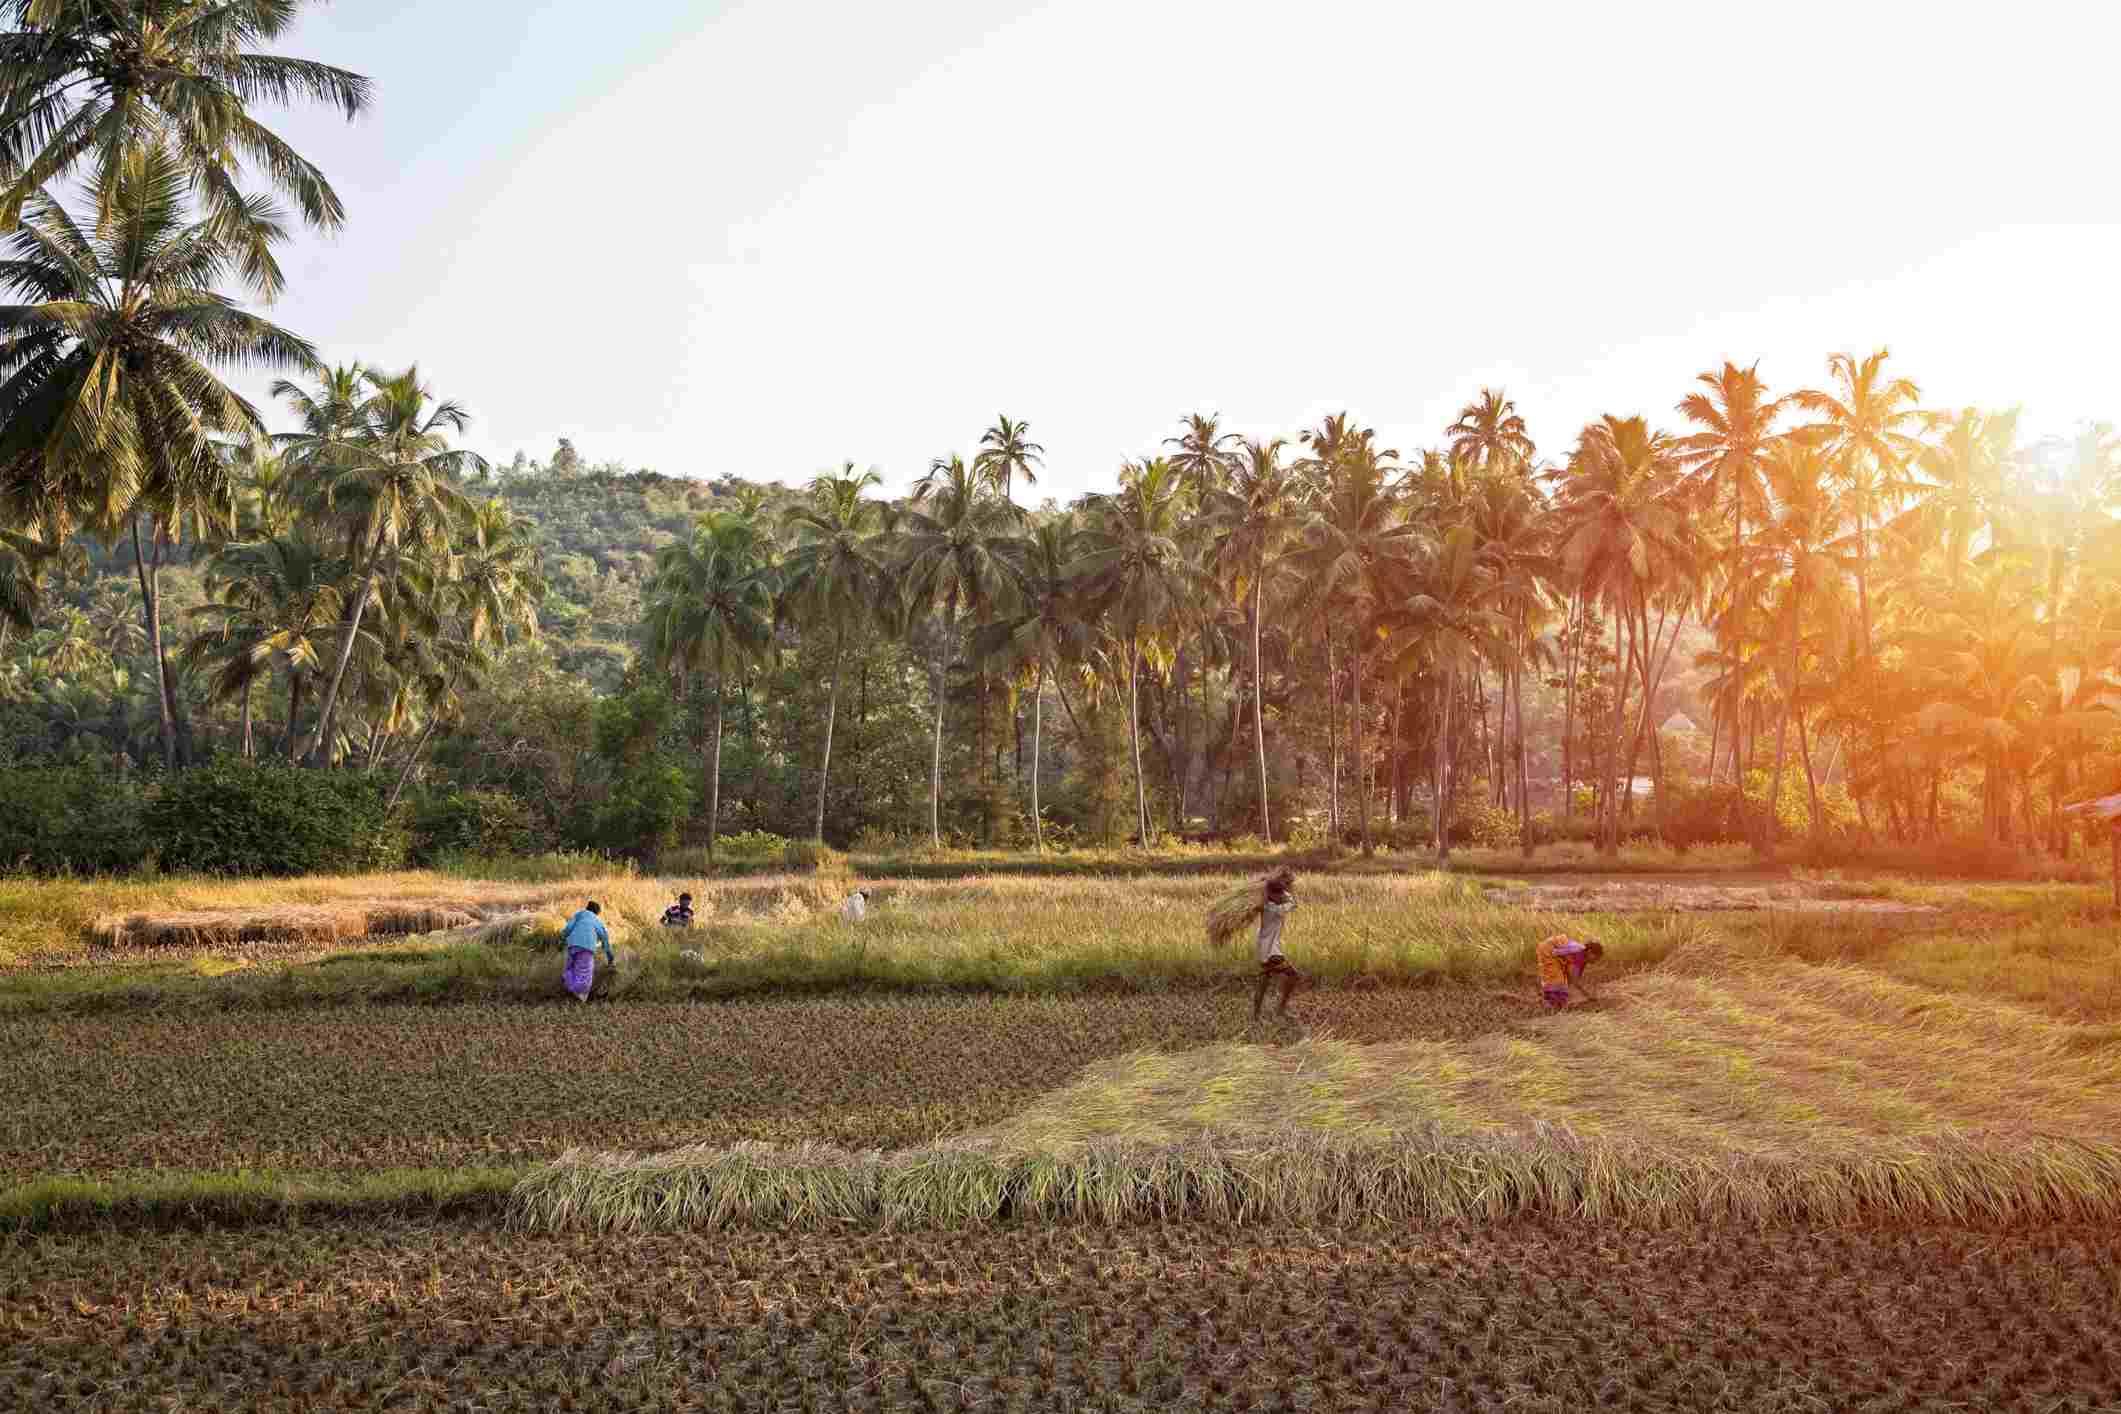 Rice fields in Goa.